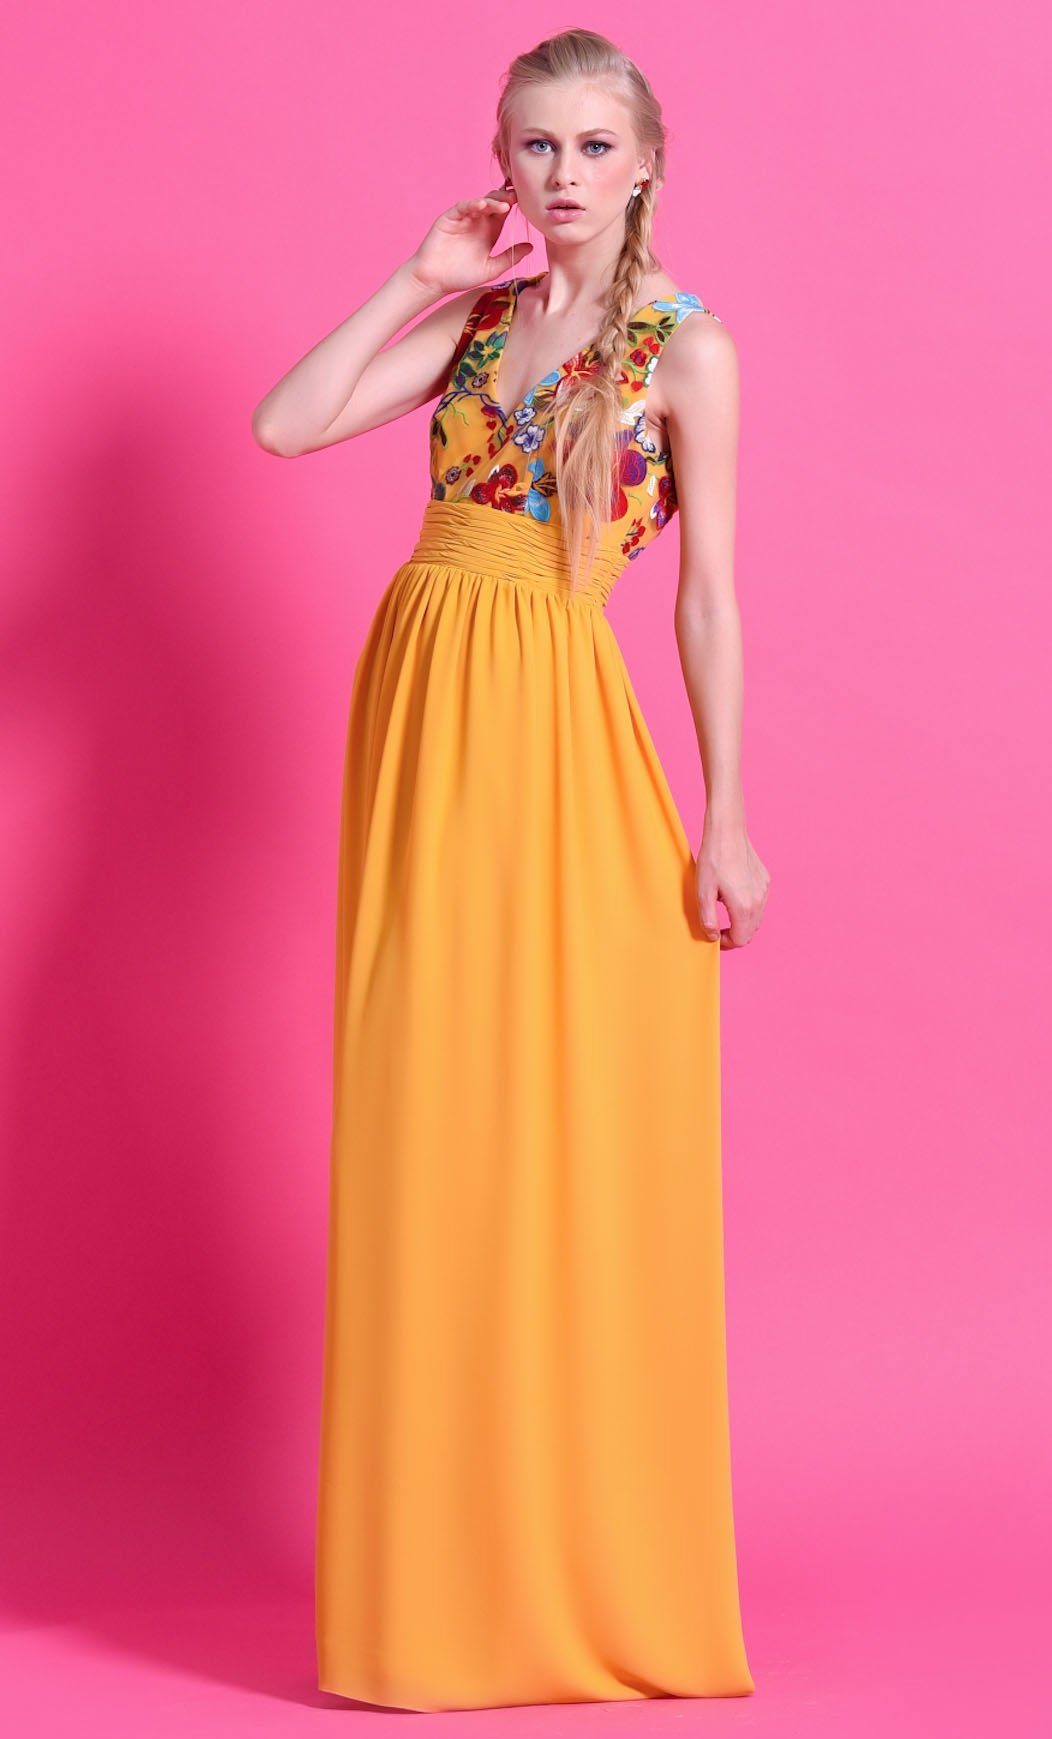 Bonito Vestido De Fiesta Largo Amarillo Viñeta - Colección de ...